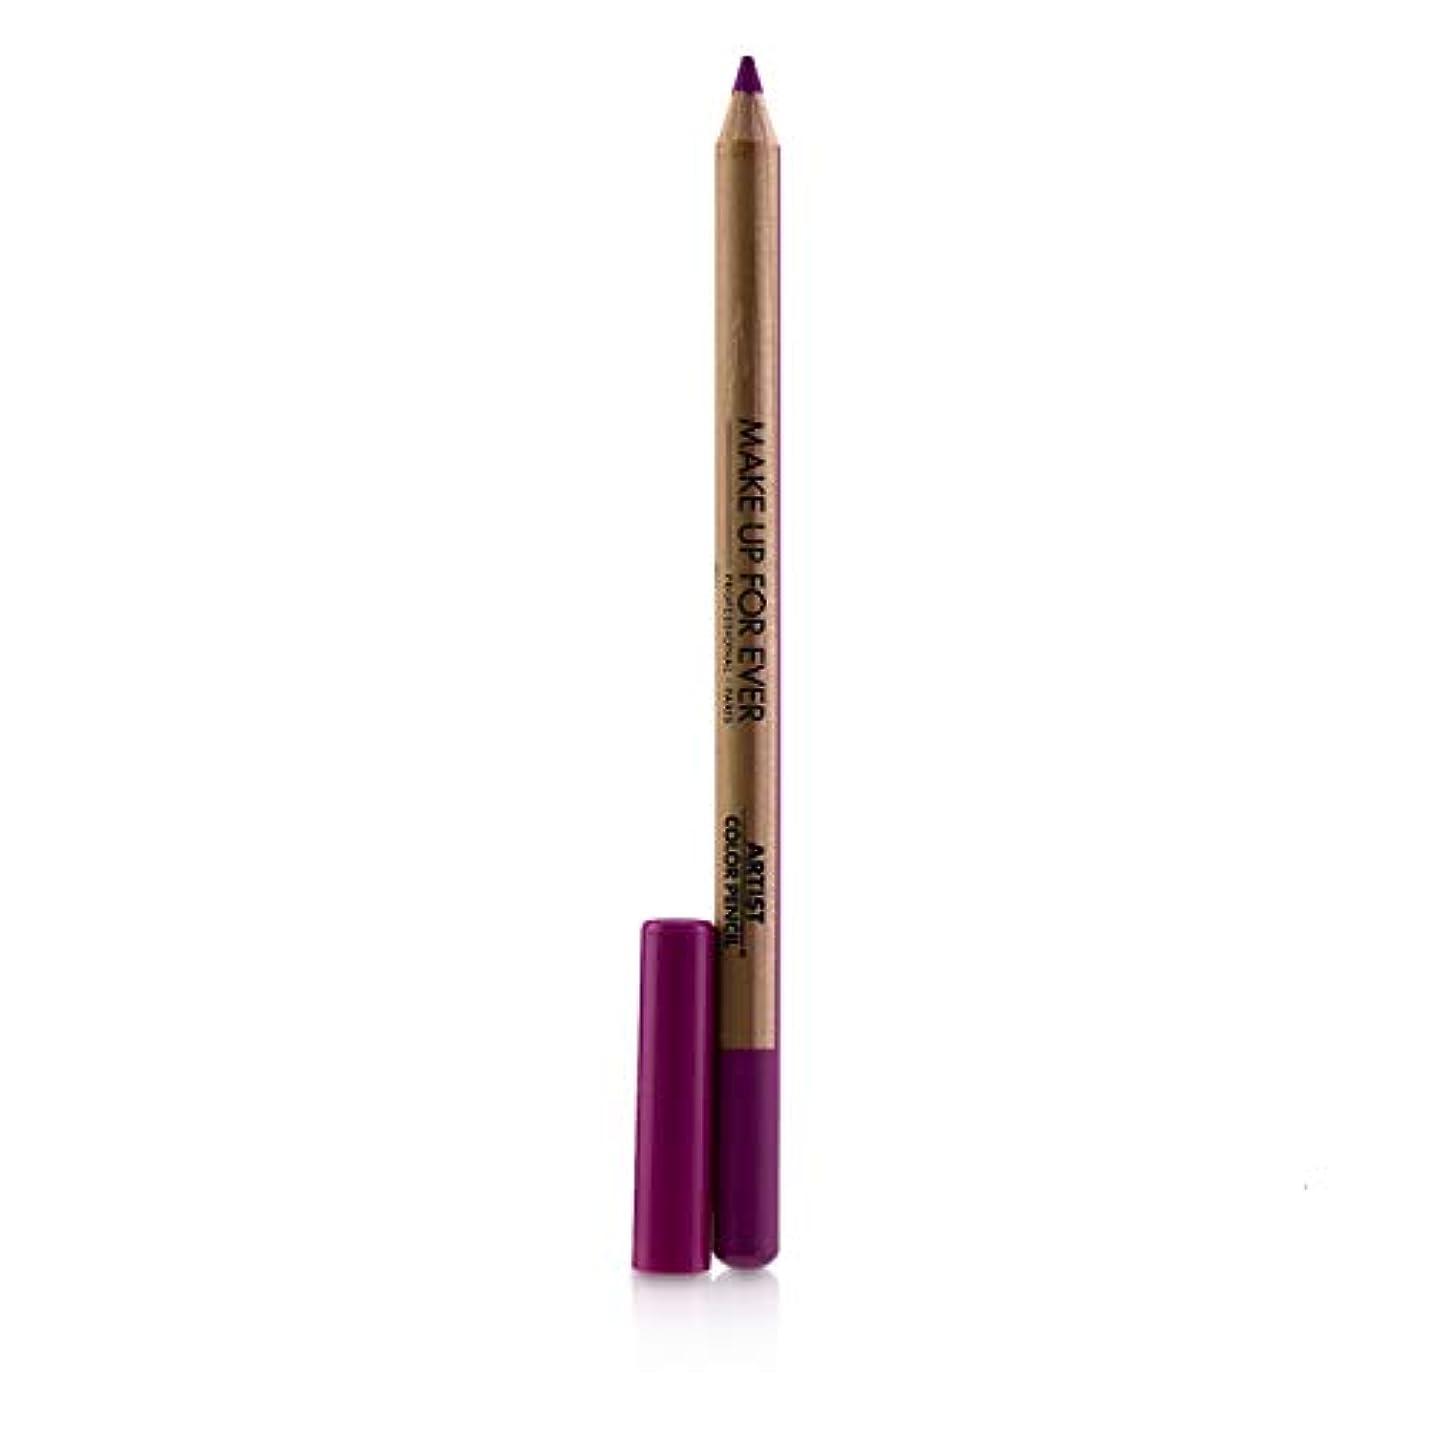 間隔散らす八メイクアップフォーエバー Artist Color Pencil - # 812 Multi Pink 1.41g/0.04oz並行輸入品